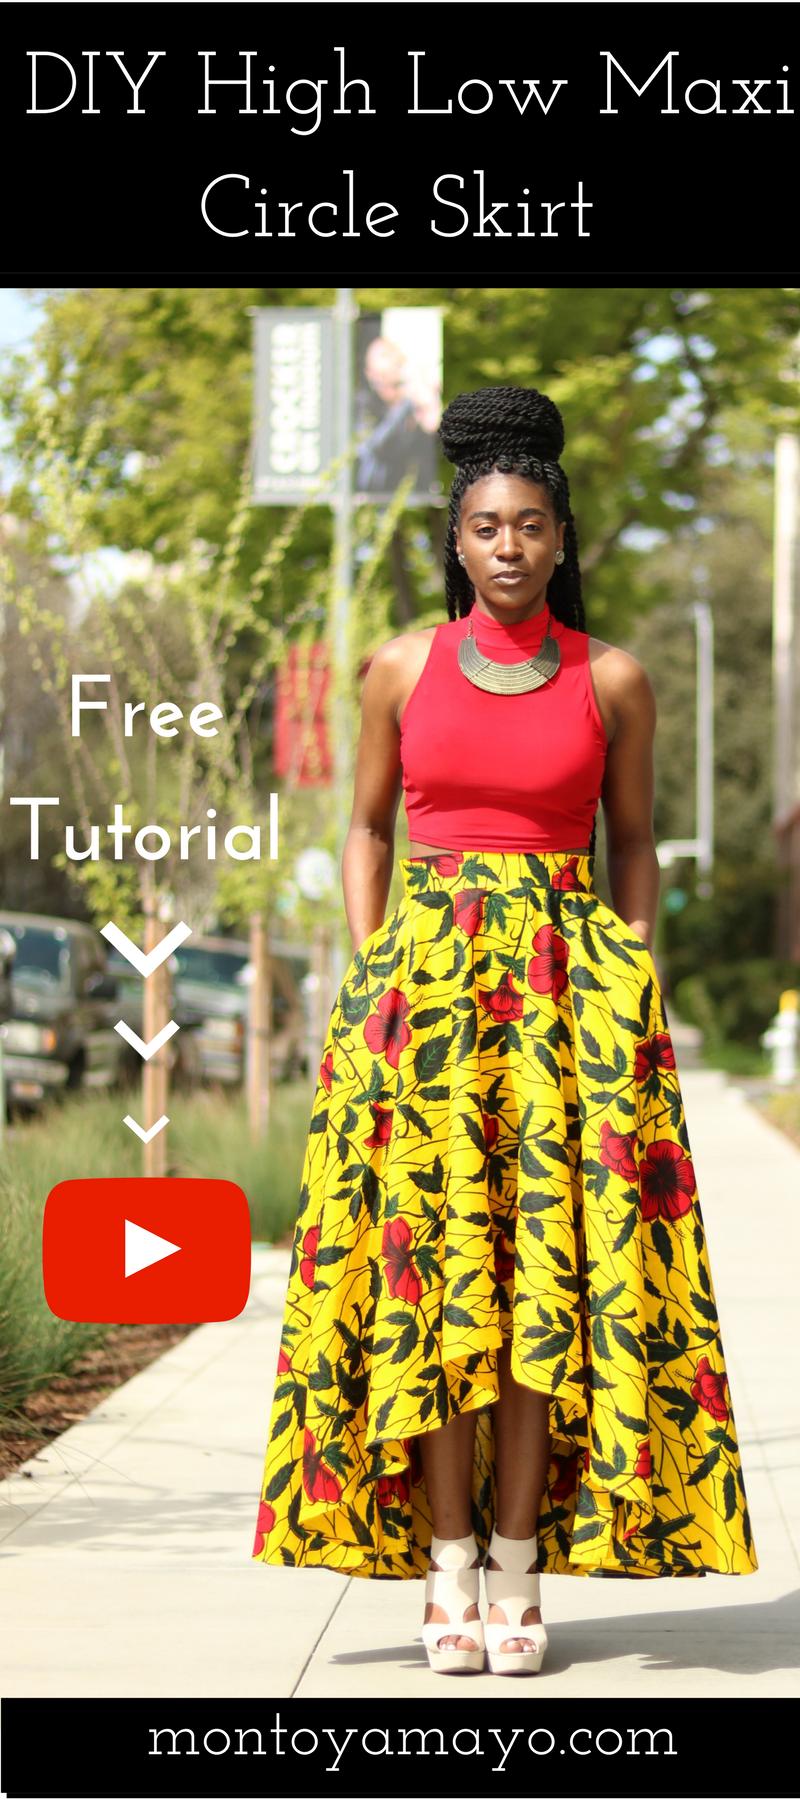 DIY High Low Maxi Circle Skirt Tutorial